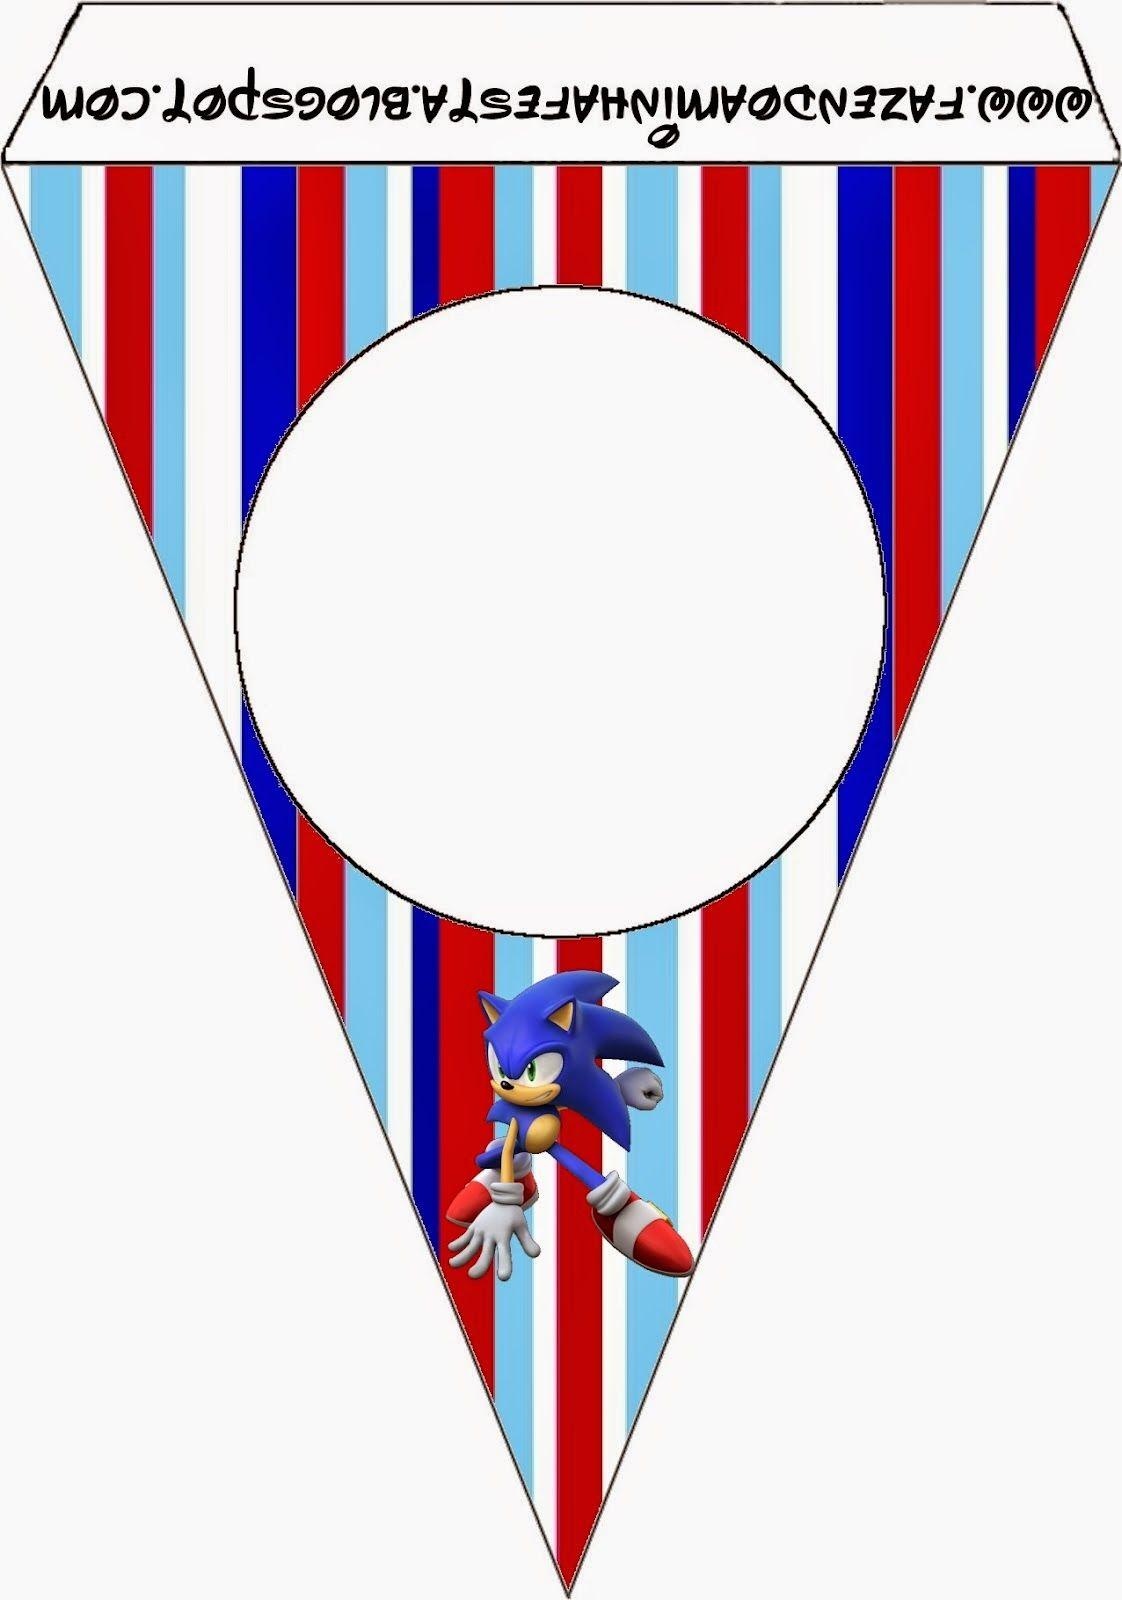 Sonic Imprimibles Imágenes Y Fondos Gratis Para Fiestas